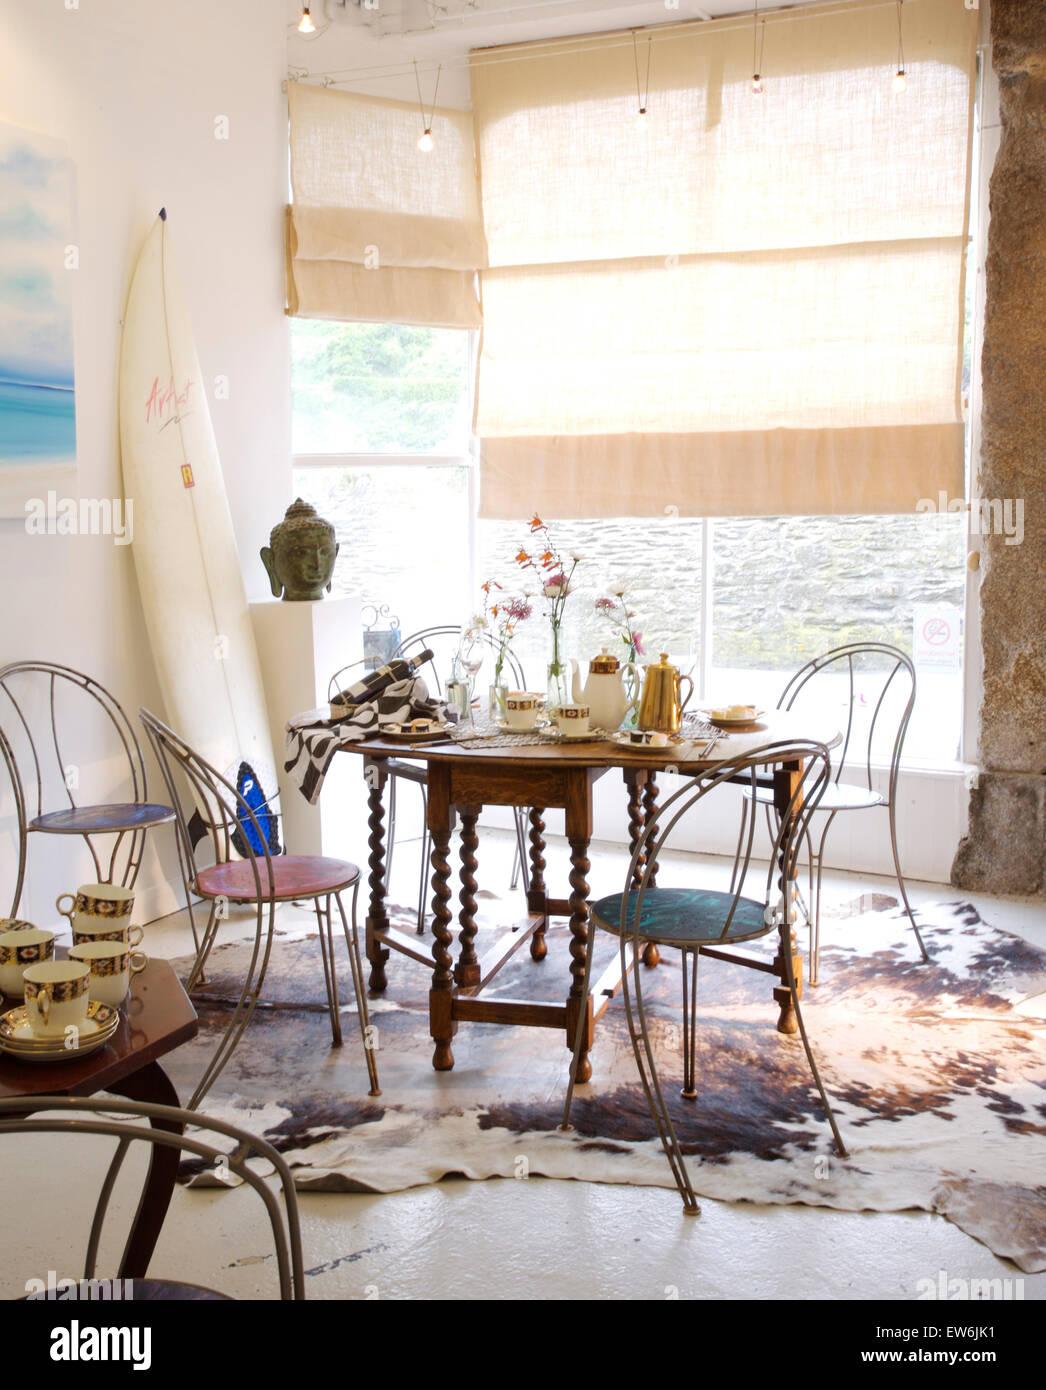 Charmant Chaises De Style Jacobin Métal à Table Dans La Région Côtière De Salle à  Manger Avec Le Lin Sur Le Windows Store